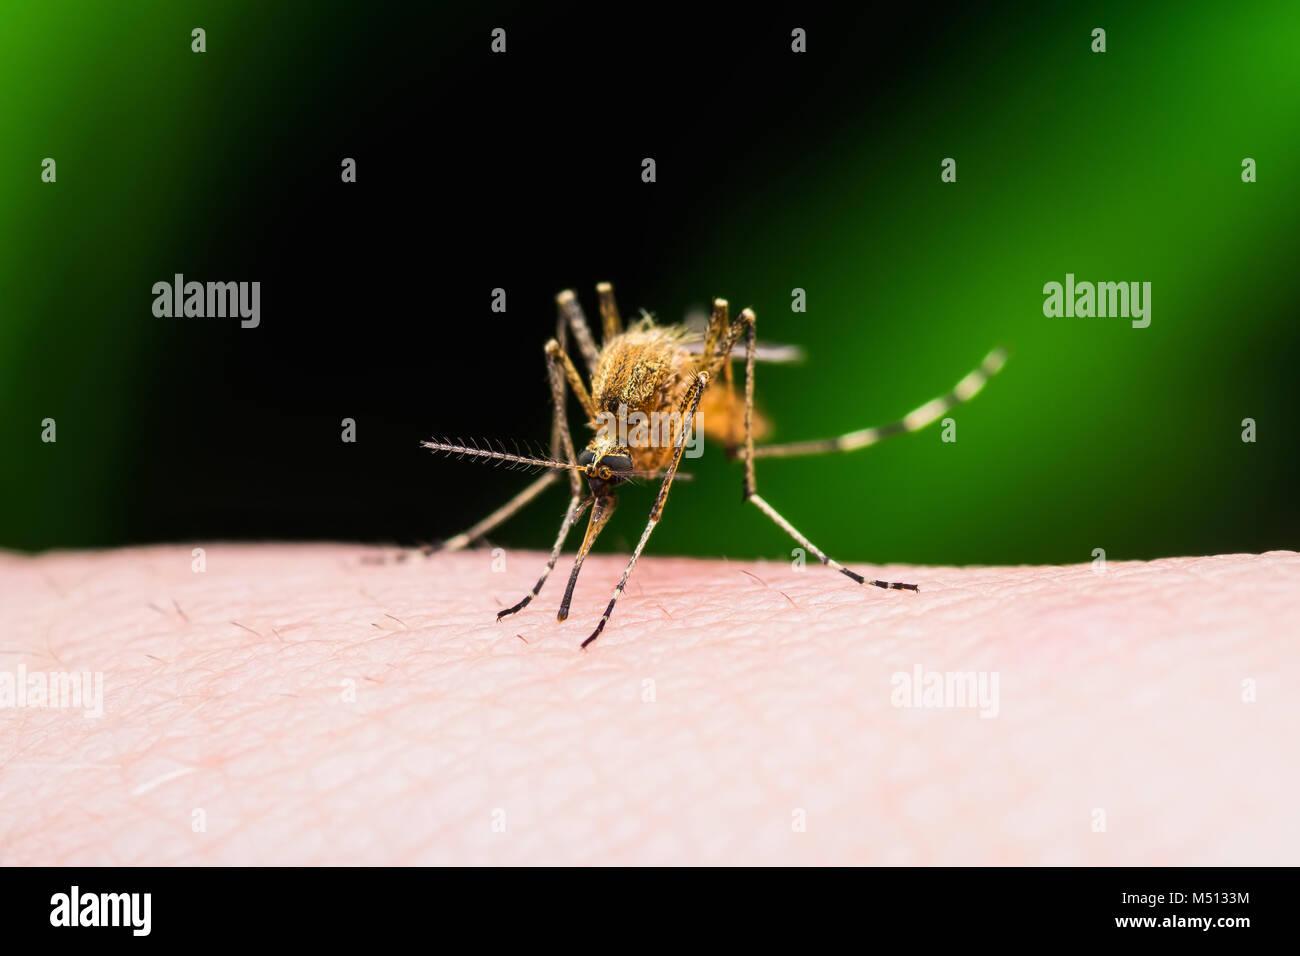 Dengue Fever Infects La Fte De >> Dengue Fever Bite Stock Photos Dengue Fever Bite Stock Images Alamy